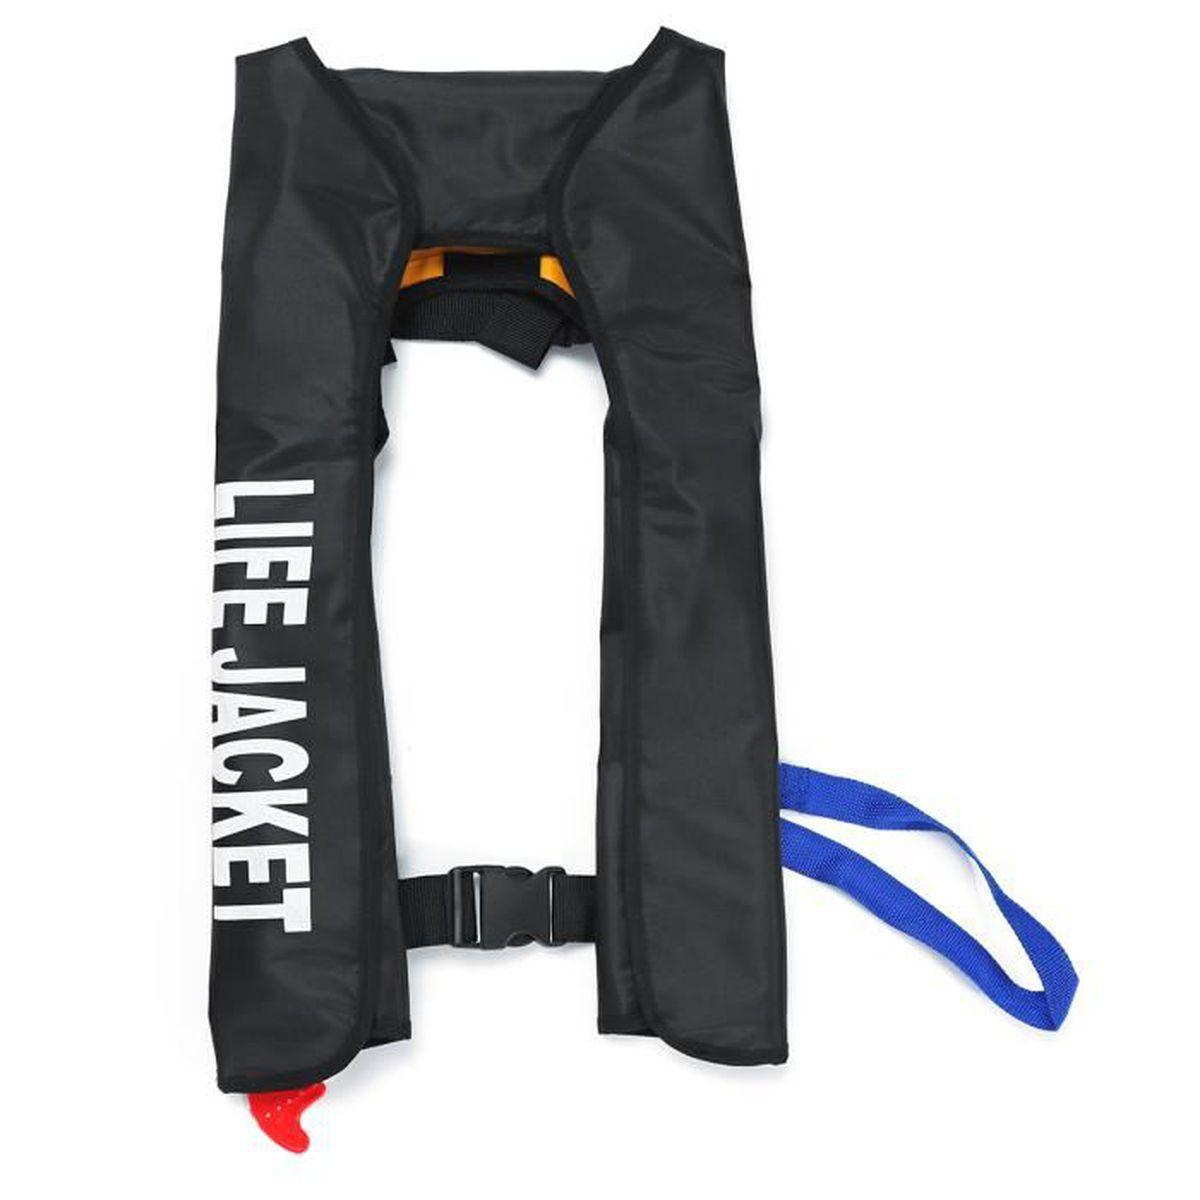 Noir, M Litthing Gilet de Sport de Sudation de Sauna Homme sans Manches Gilet dEntra/înement Gilet de Fitness Noir N/éopr/ène pour Homme M-3XL